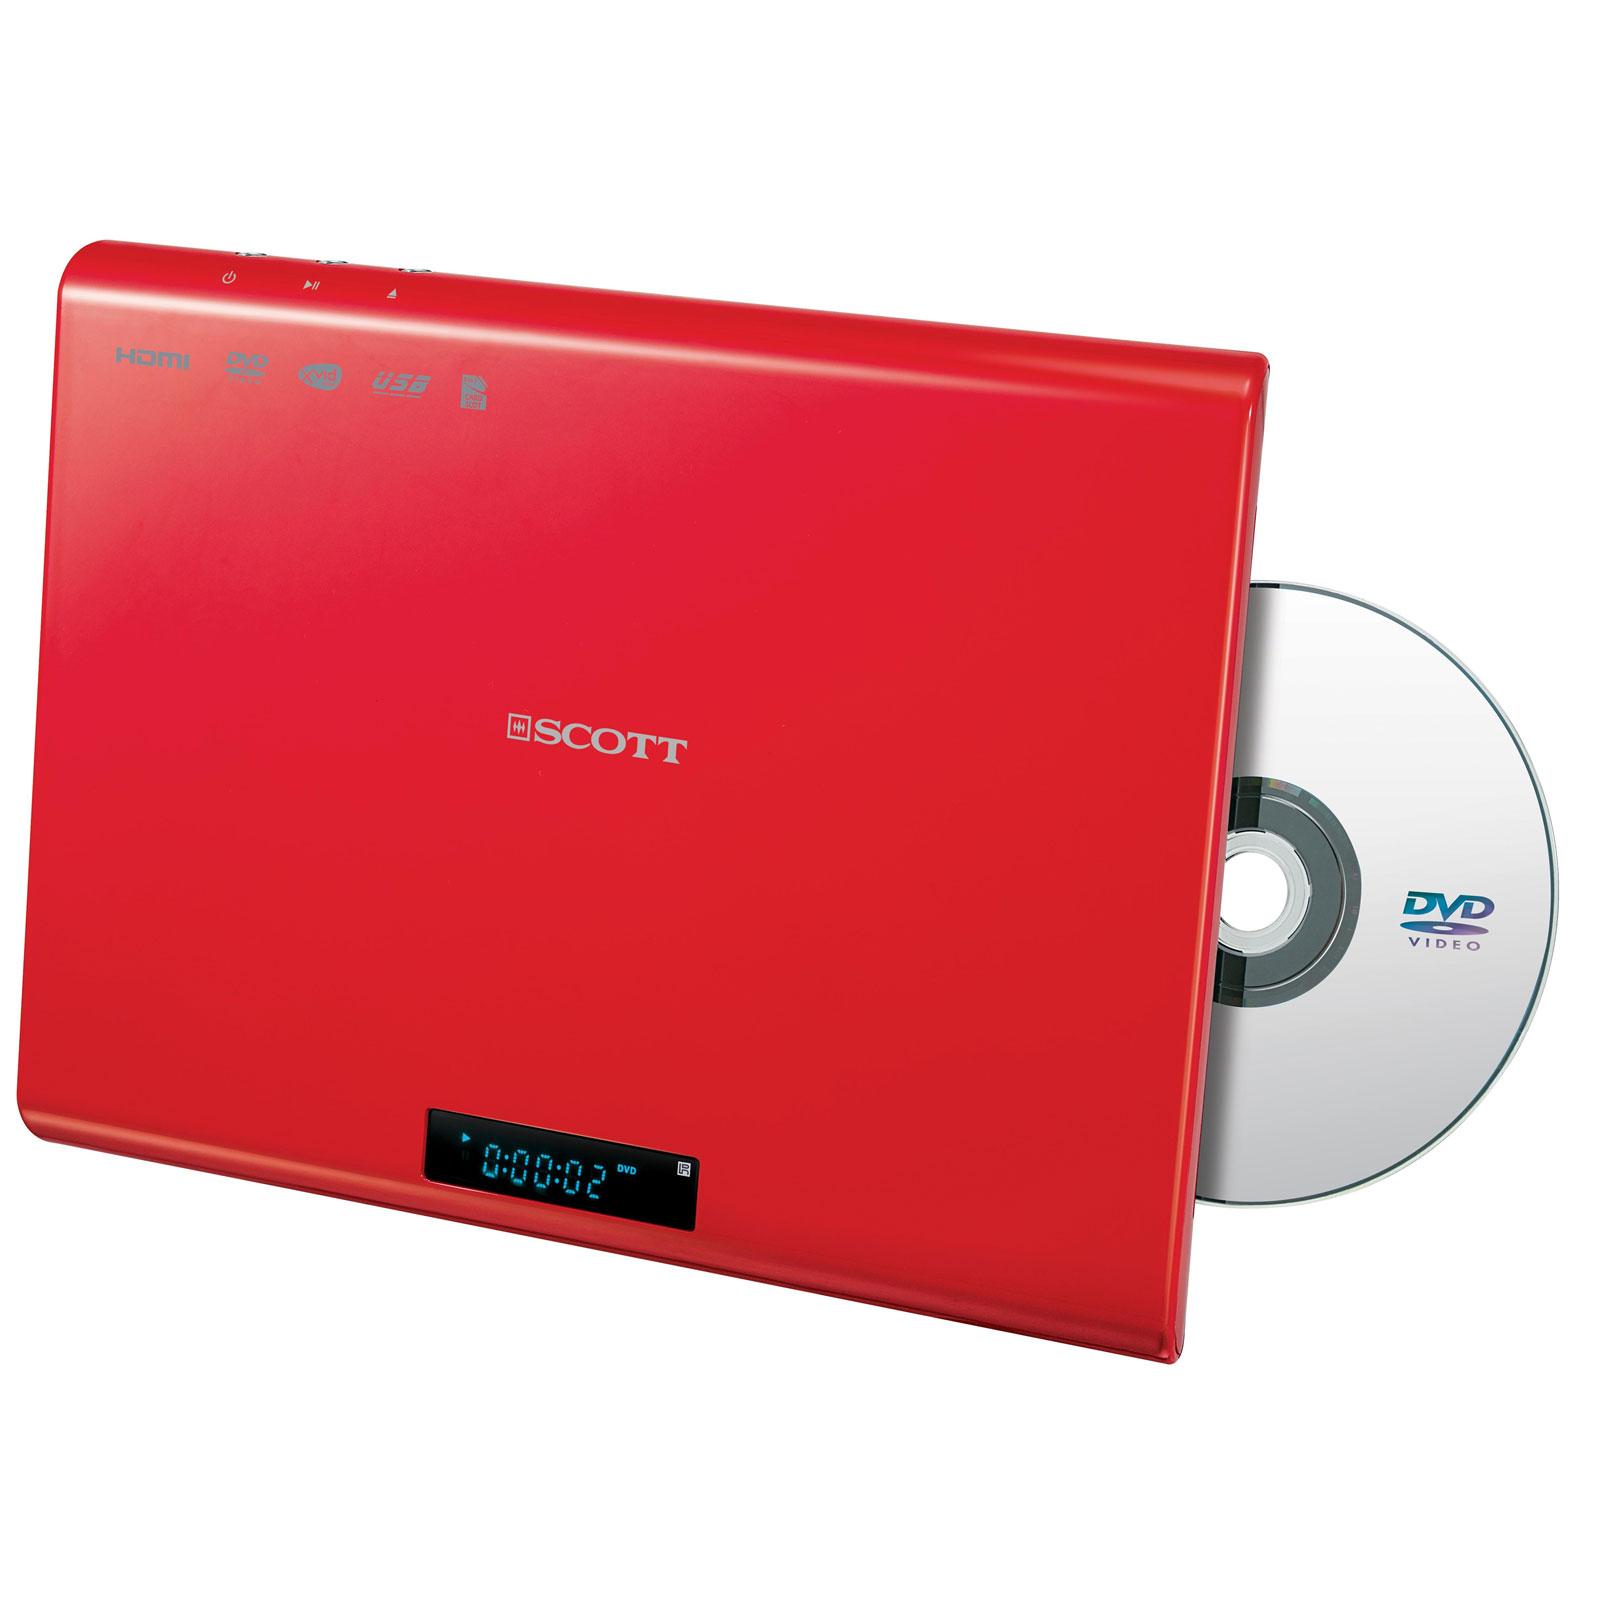 scott dmx 25 rouge lecteur dvd scott sur. Black Bedroom Furniture Sets. Home Design Ideas